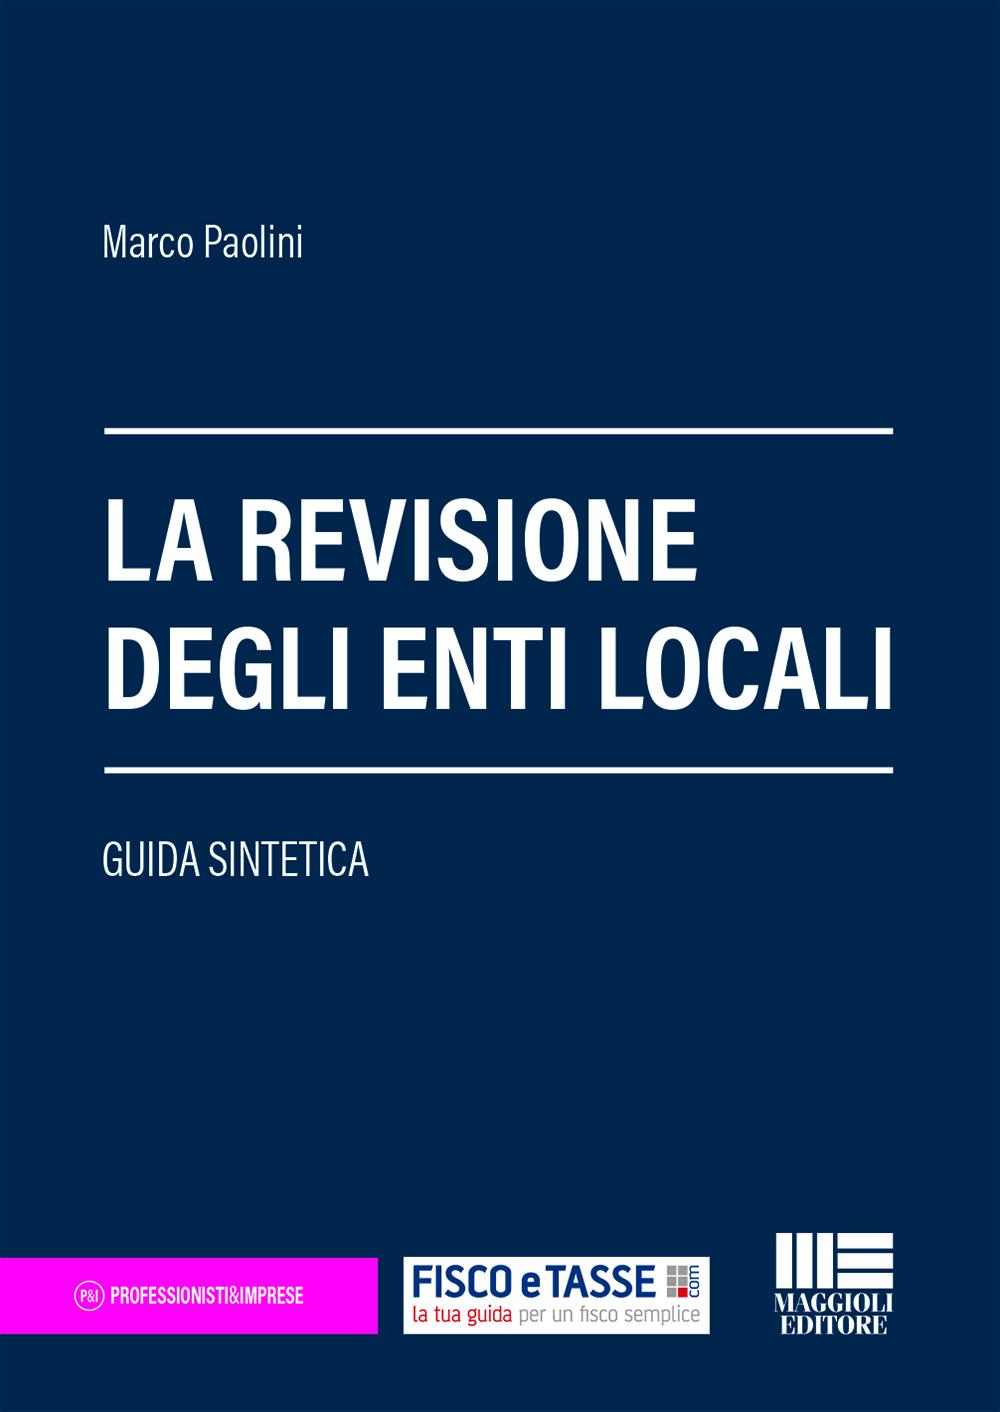 La revisione degli enti locali - Libro carta